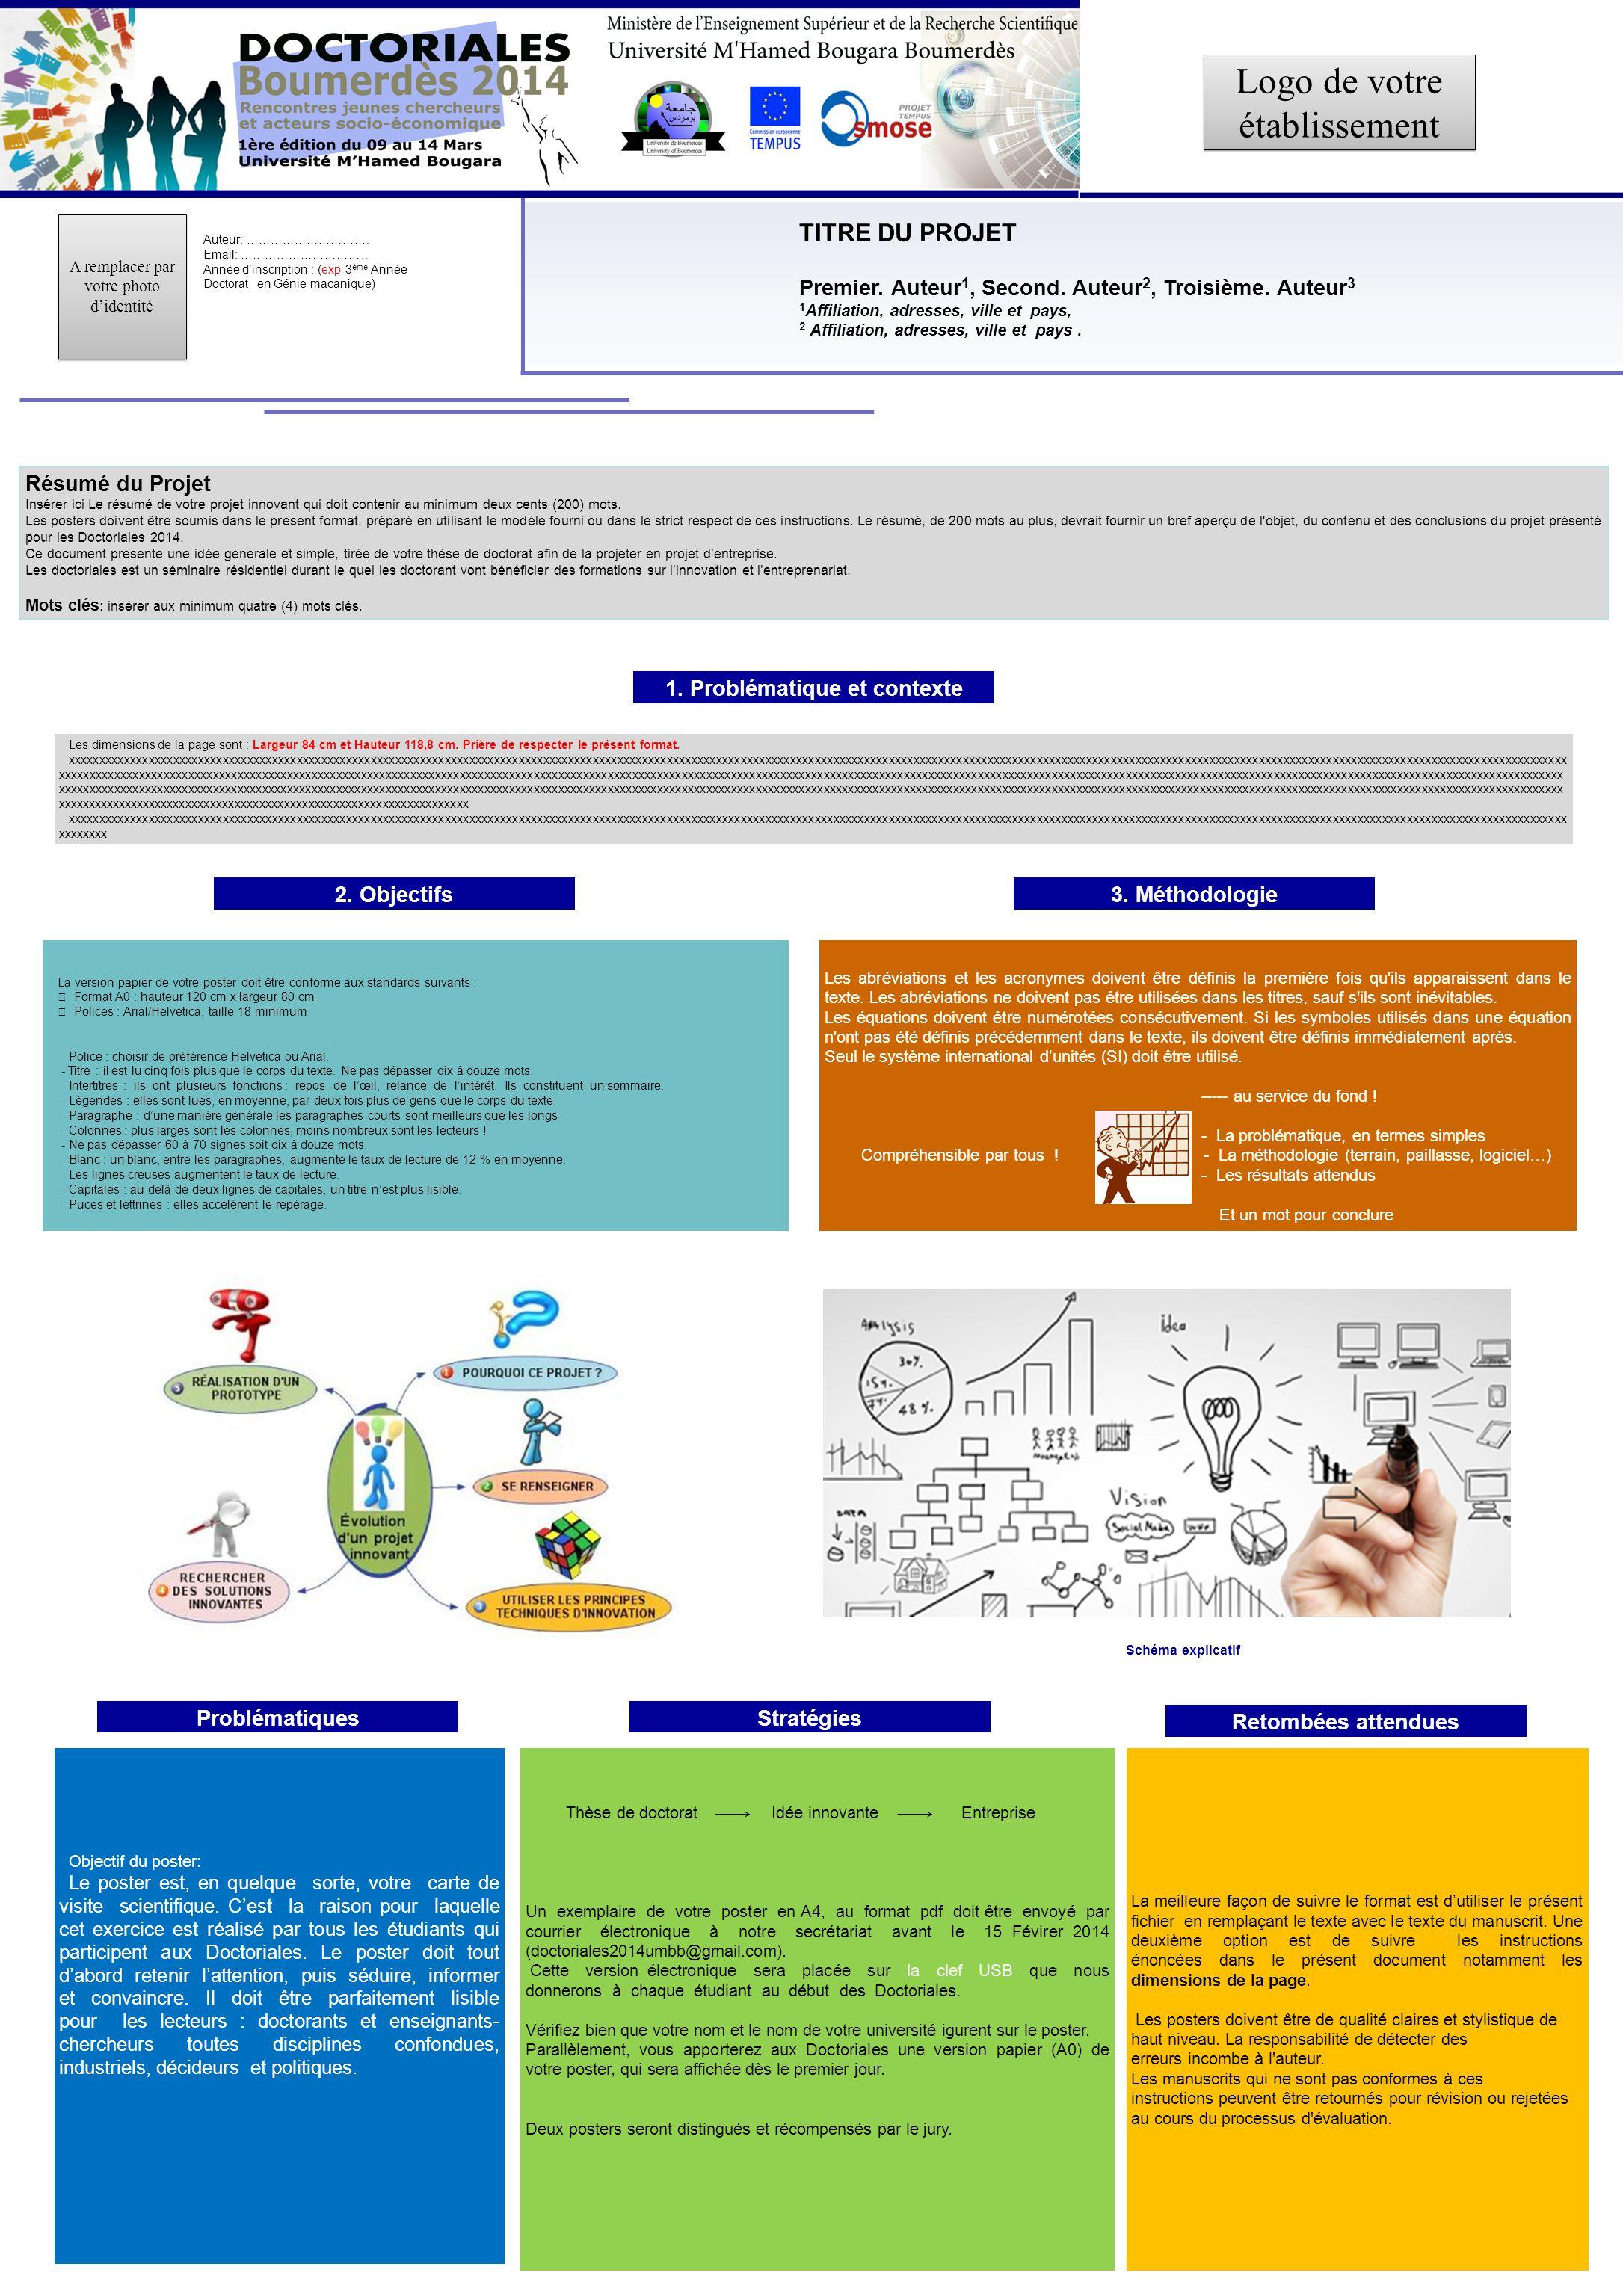 Résumé du Projet Insérer ici Le résumé de votre projet innovant qui doit contenir au minimum deux cents (200) mots.